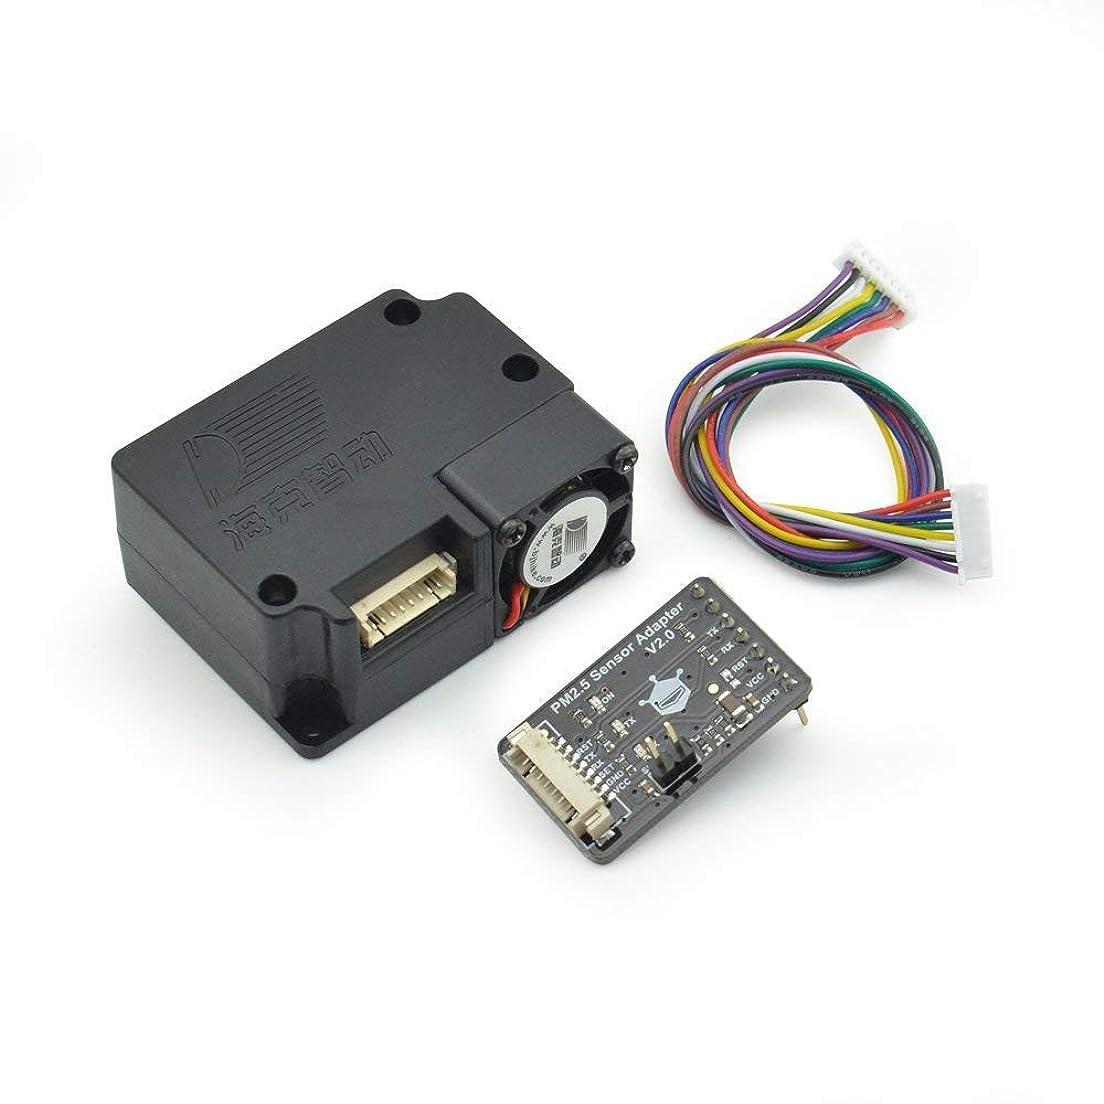 バインド放棄された節約するGravity: レーザー pm 2.5 空気質センサー Arduino 用